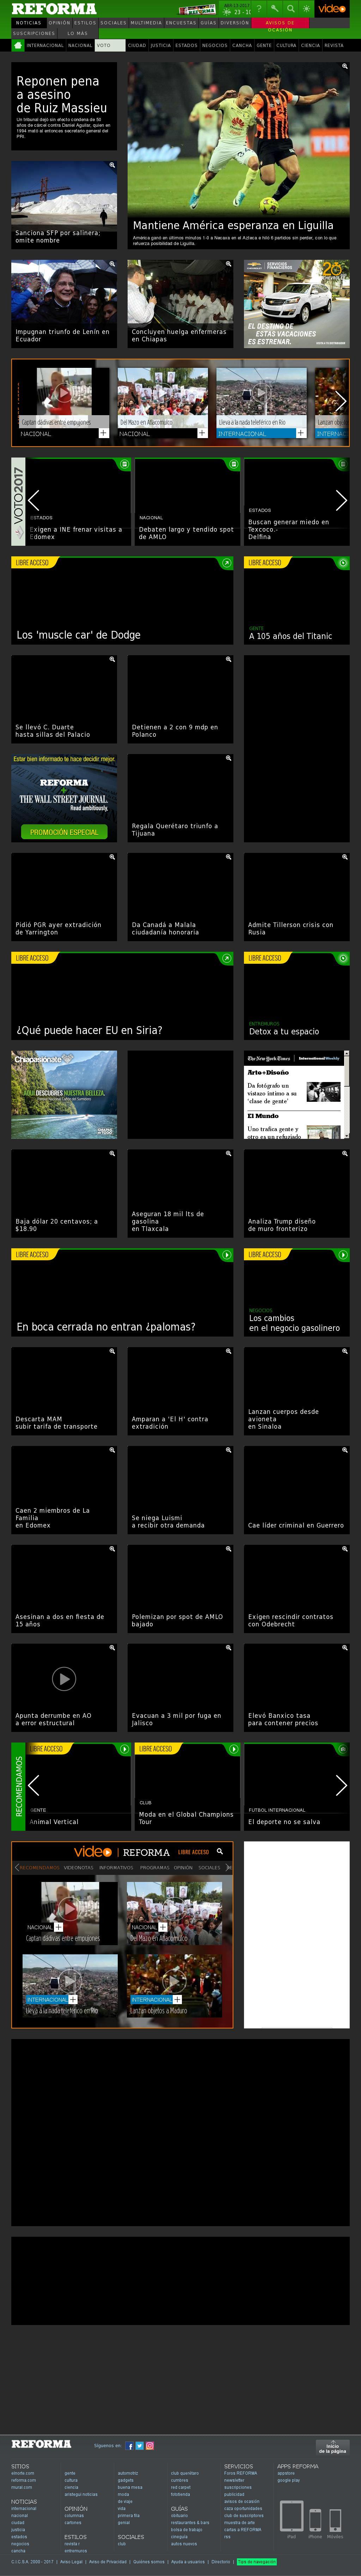 Reforma.com at Thursday April 13, 2017, 7:17 a.m. UTC